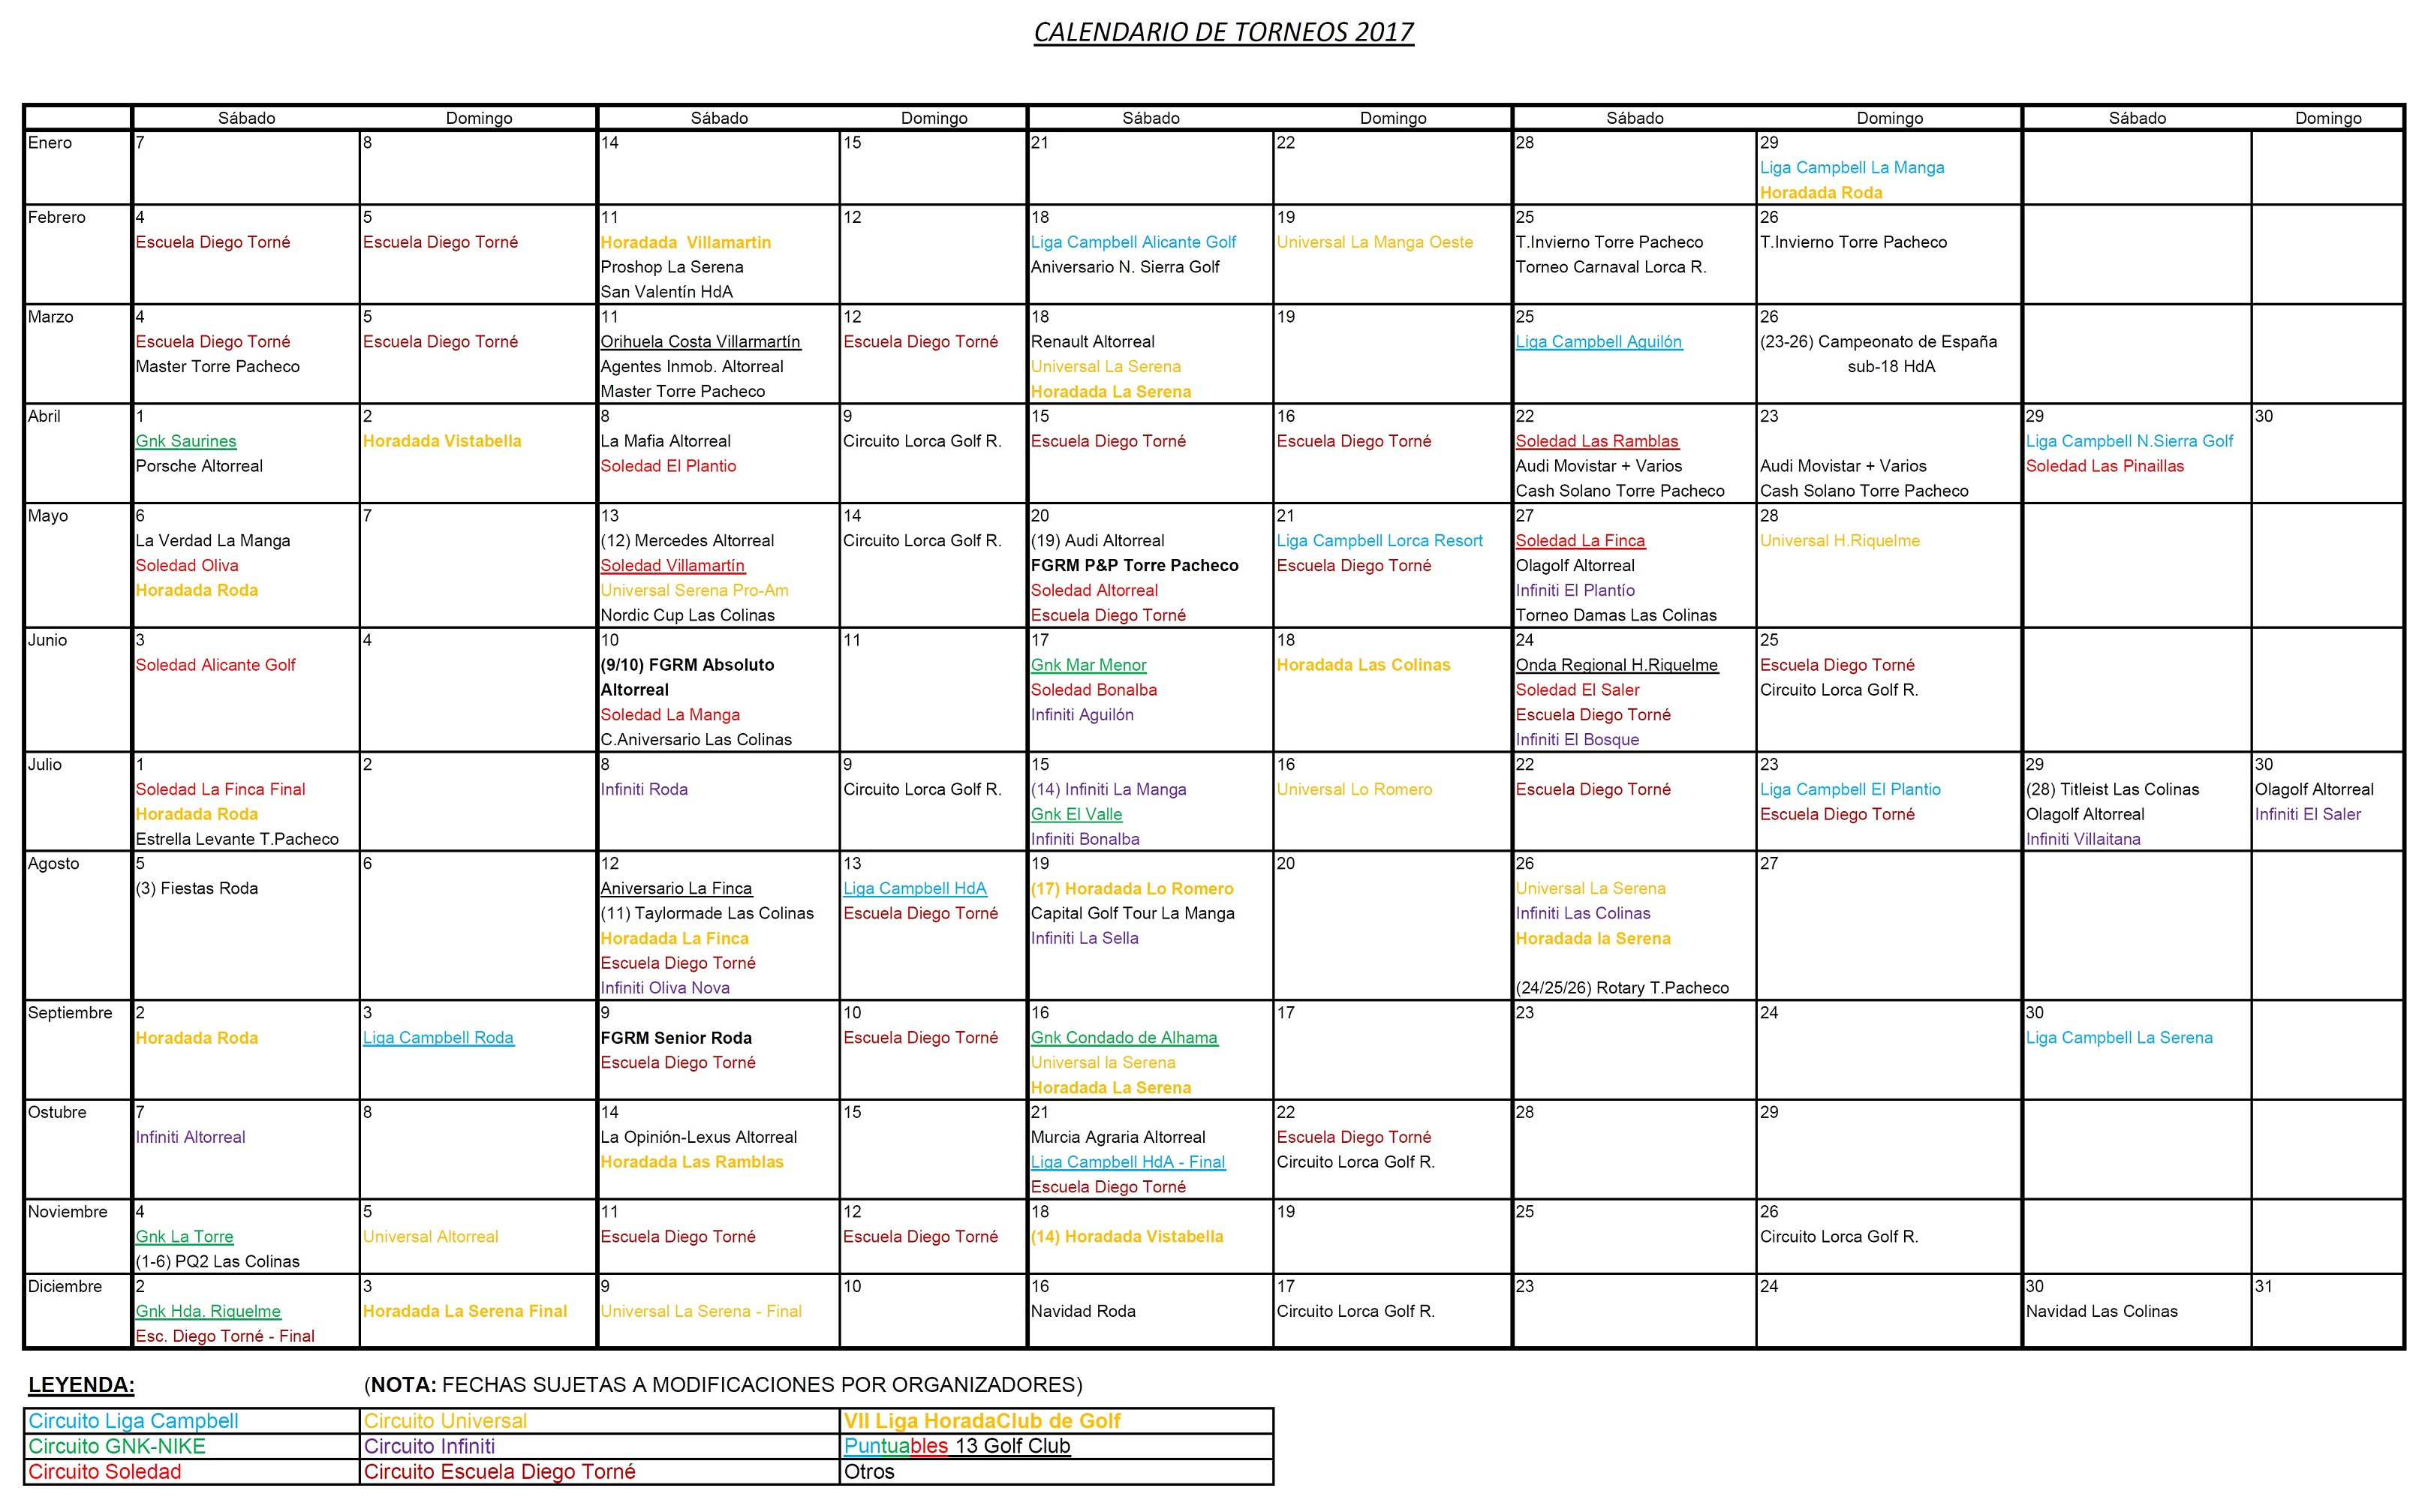 170228 Actualización de Calendario de Torneos